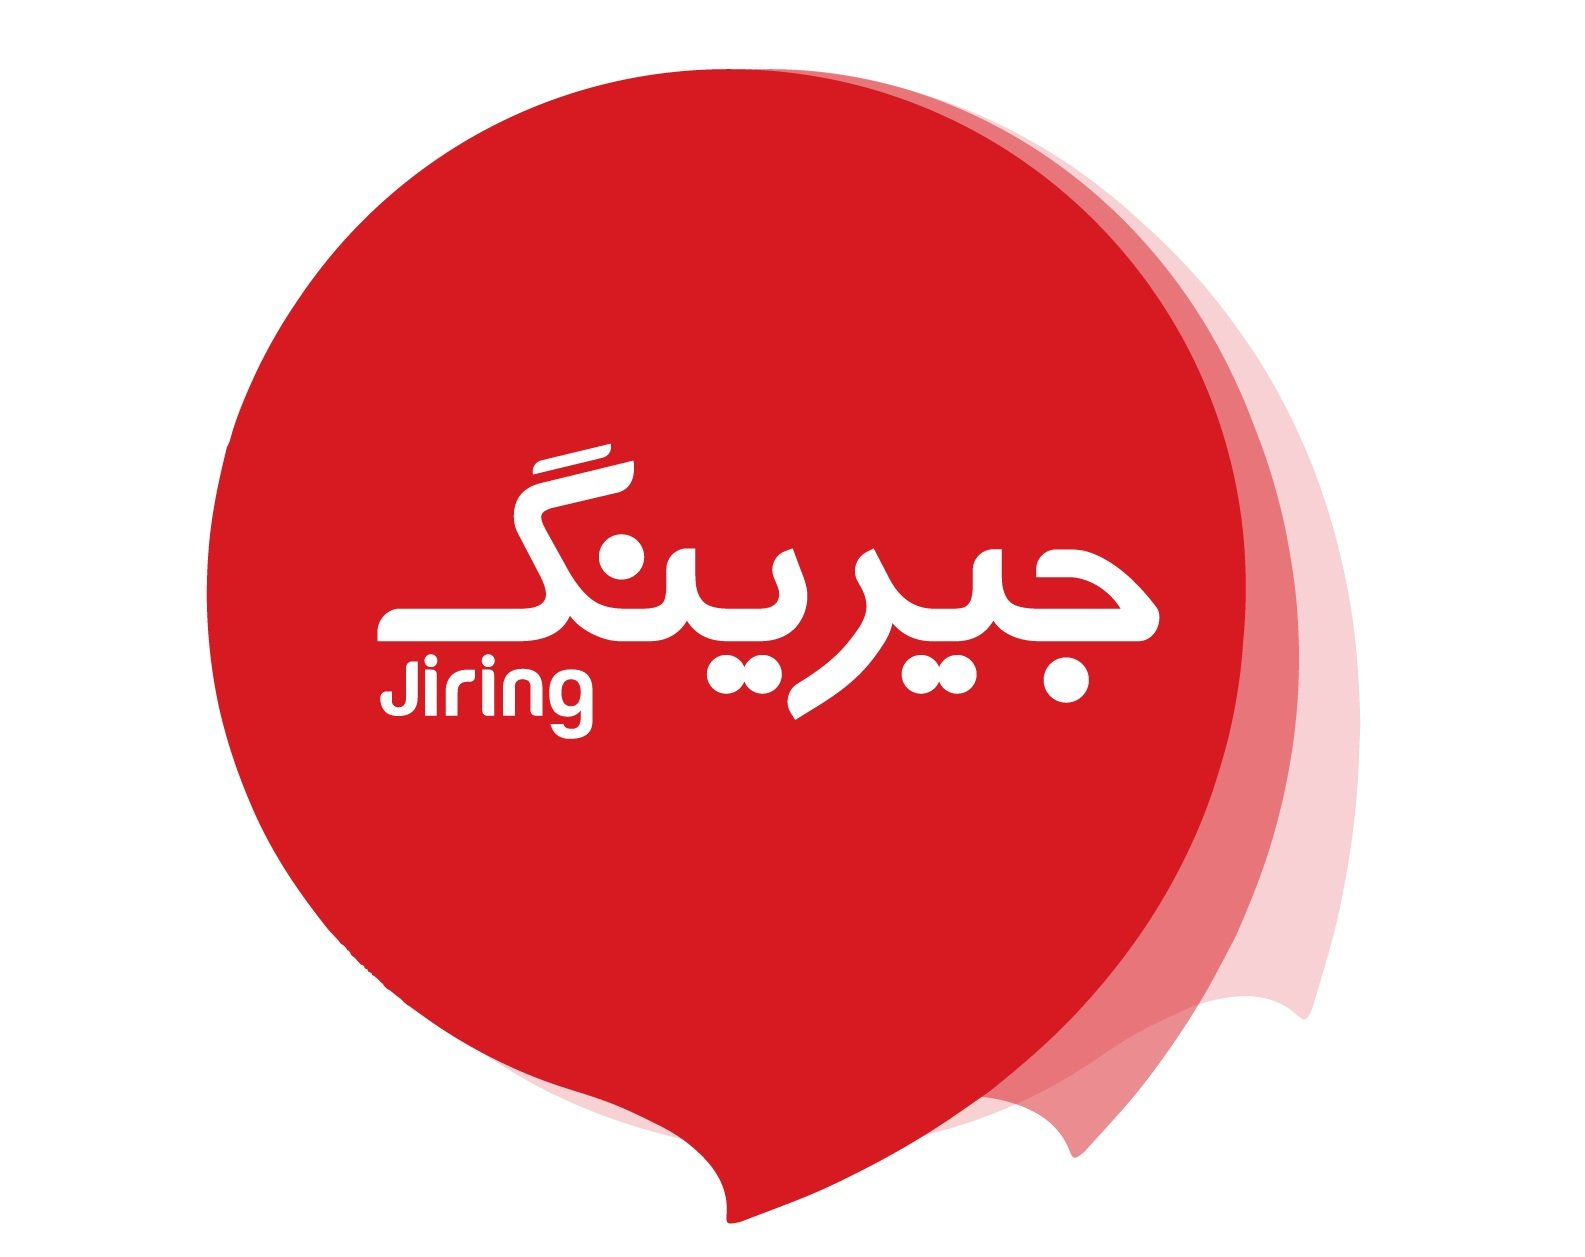 Jobs for Jiring